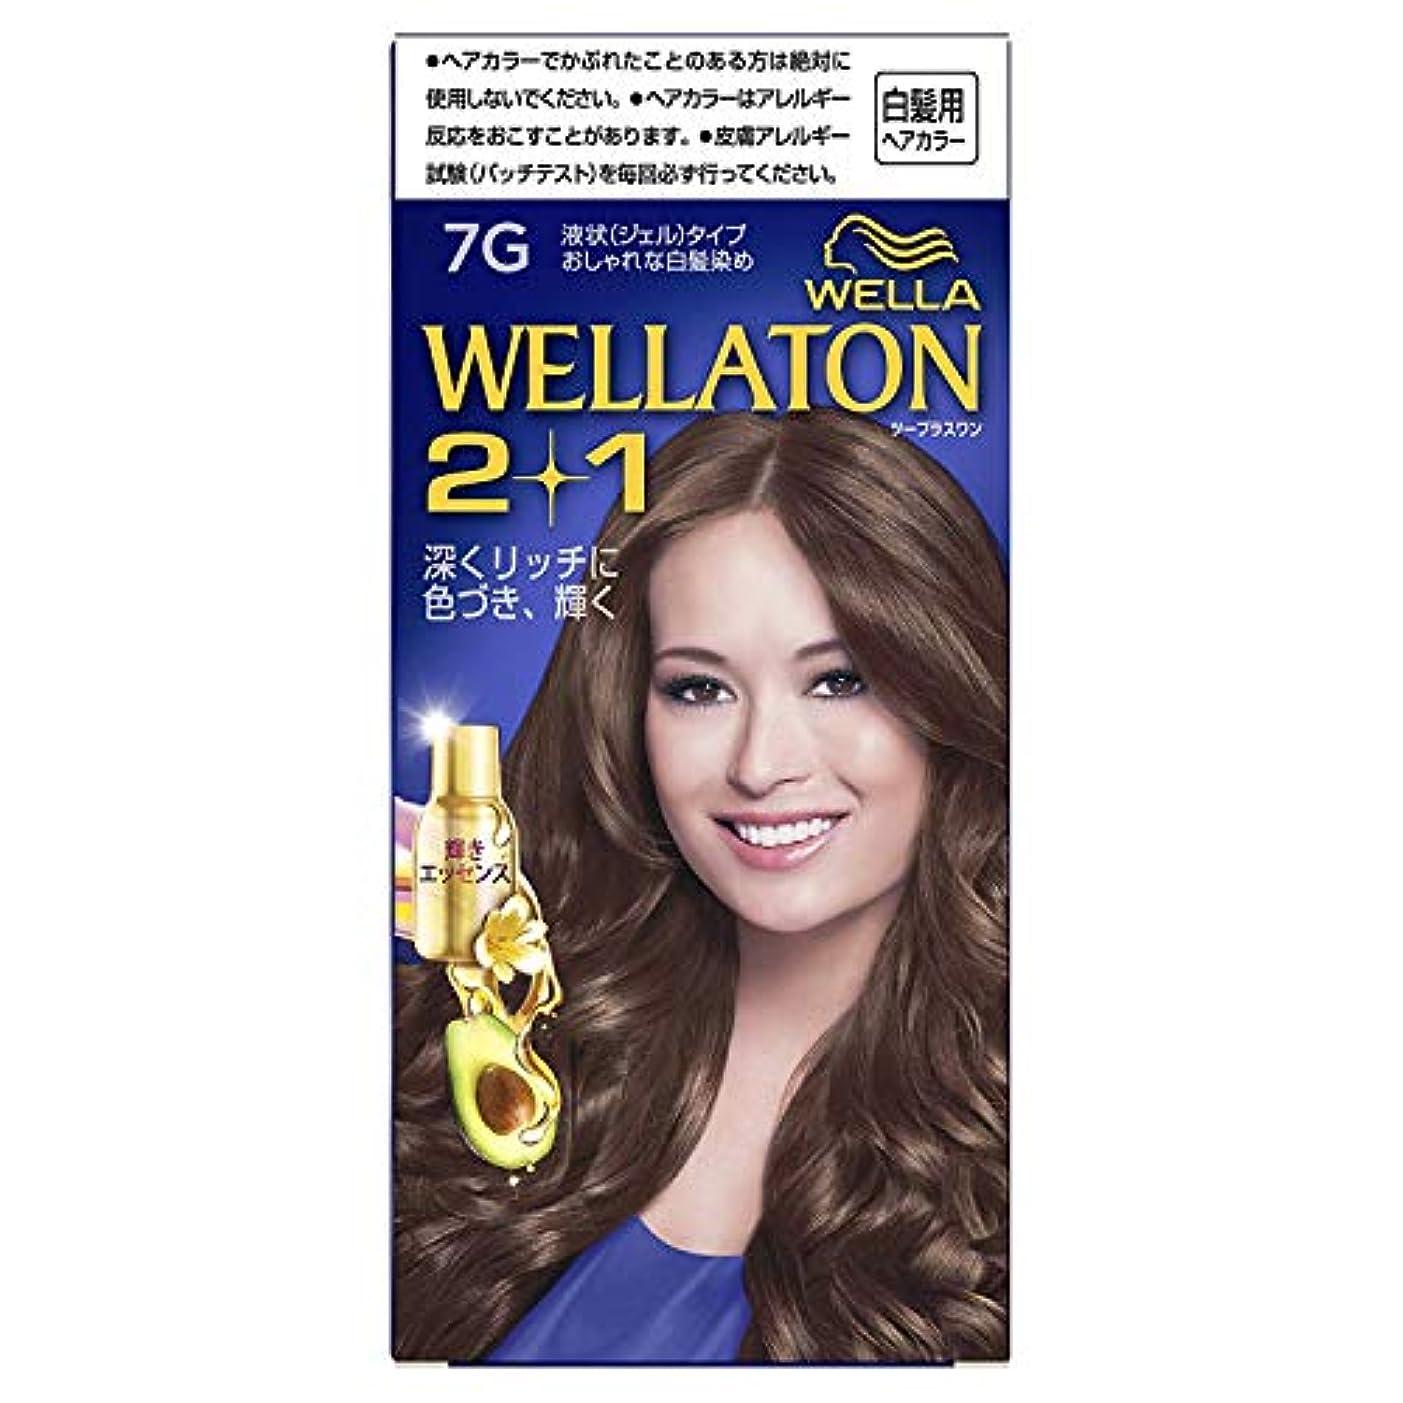 ウエラトーン2+1 白髪染め 液状タイプ 7G [医薬部外品] ×6個